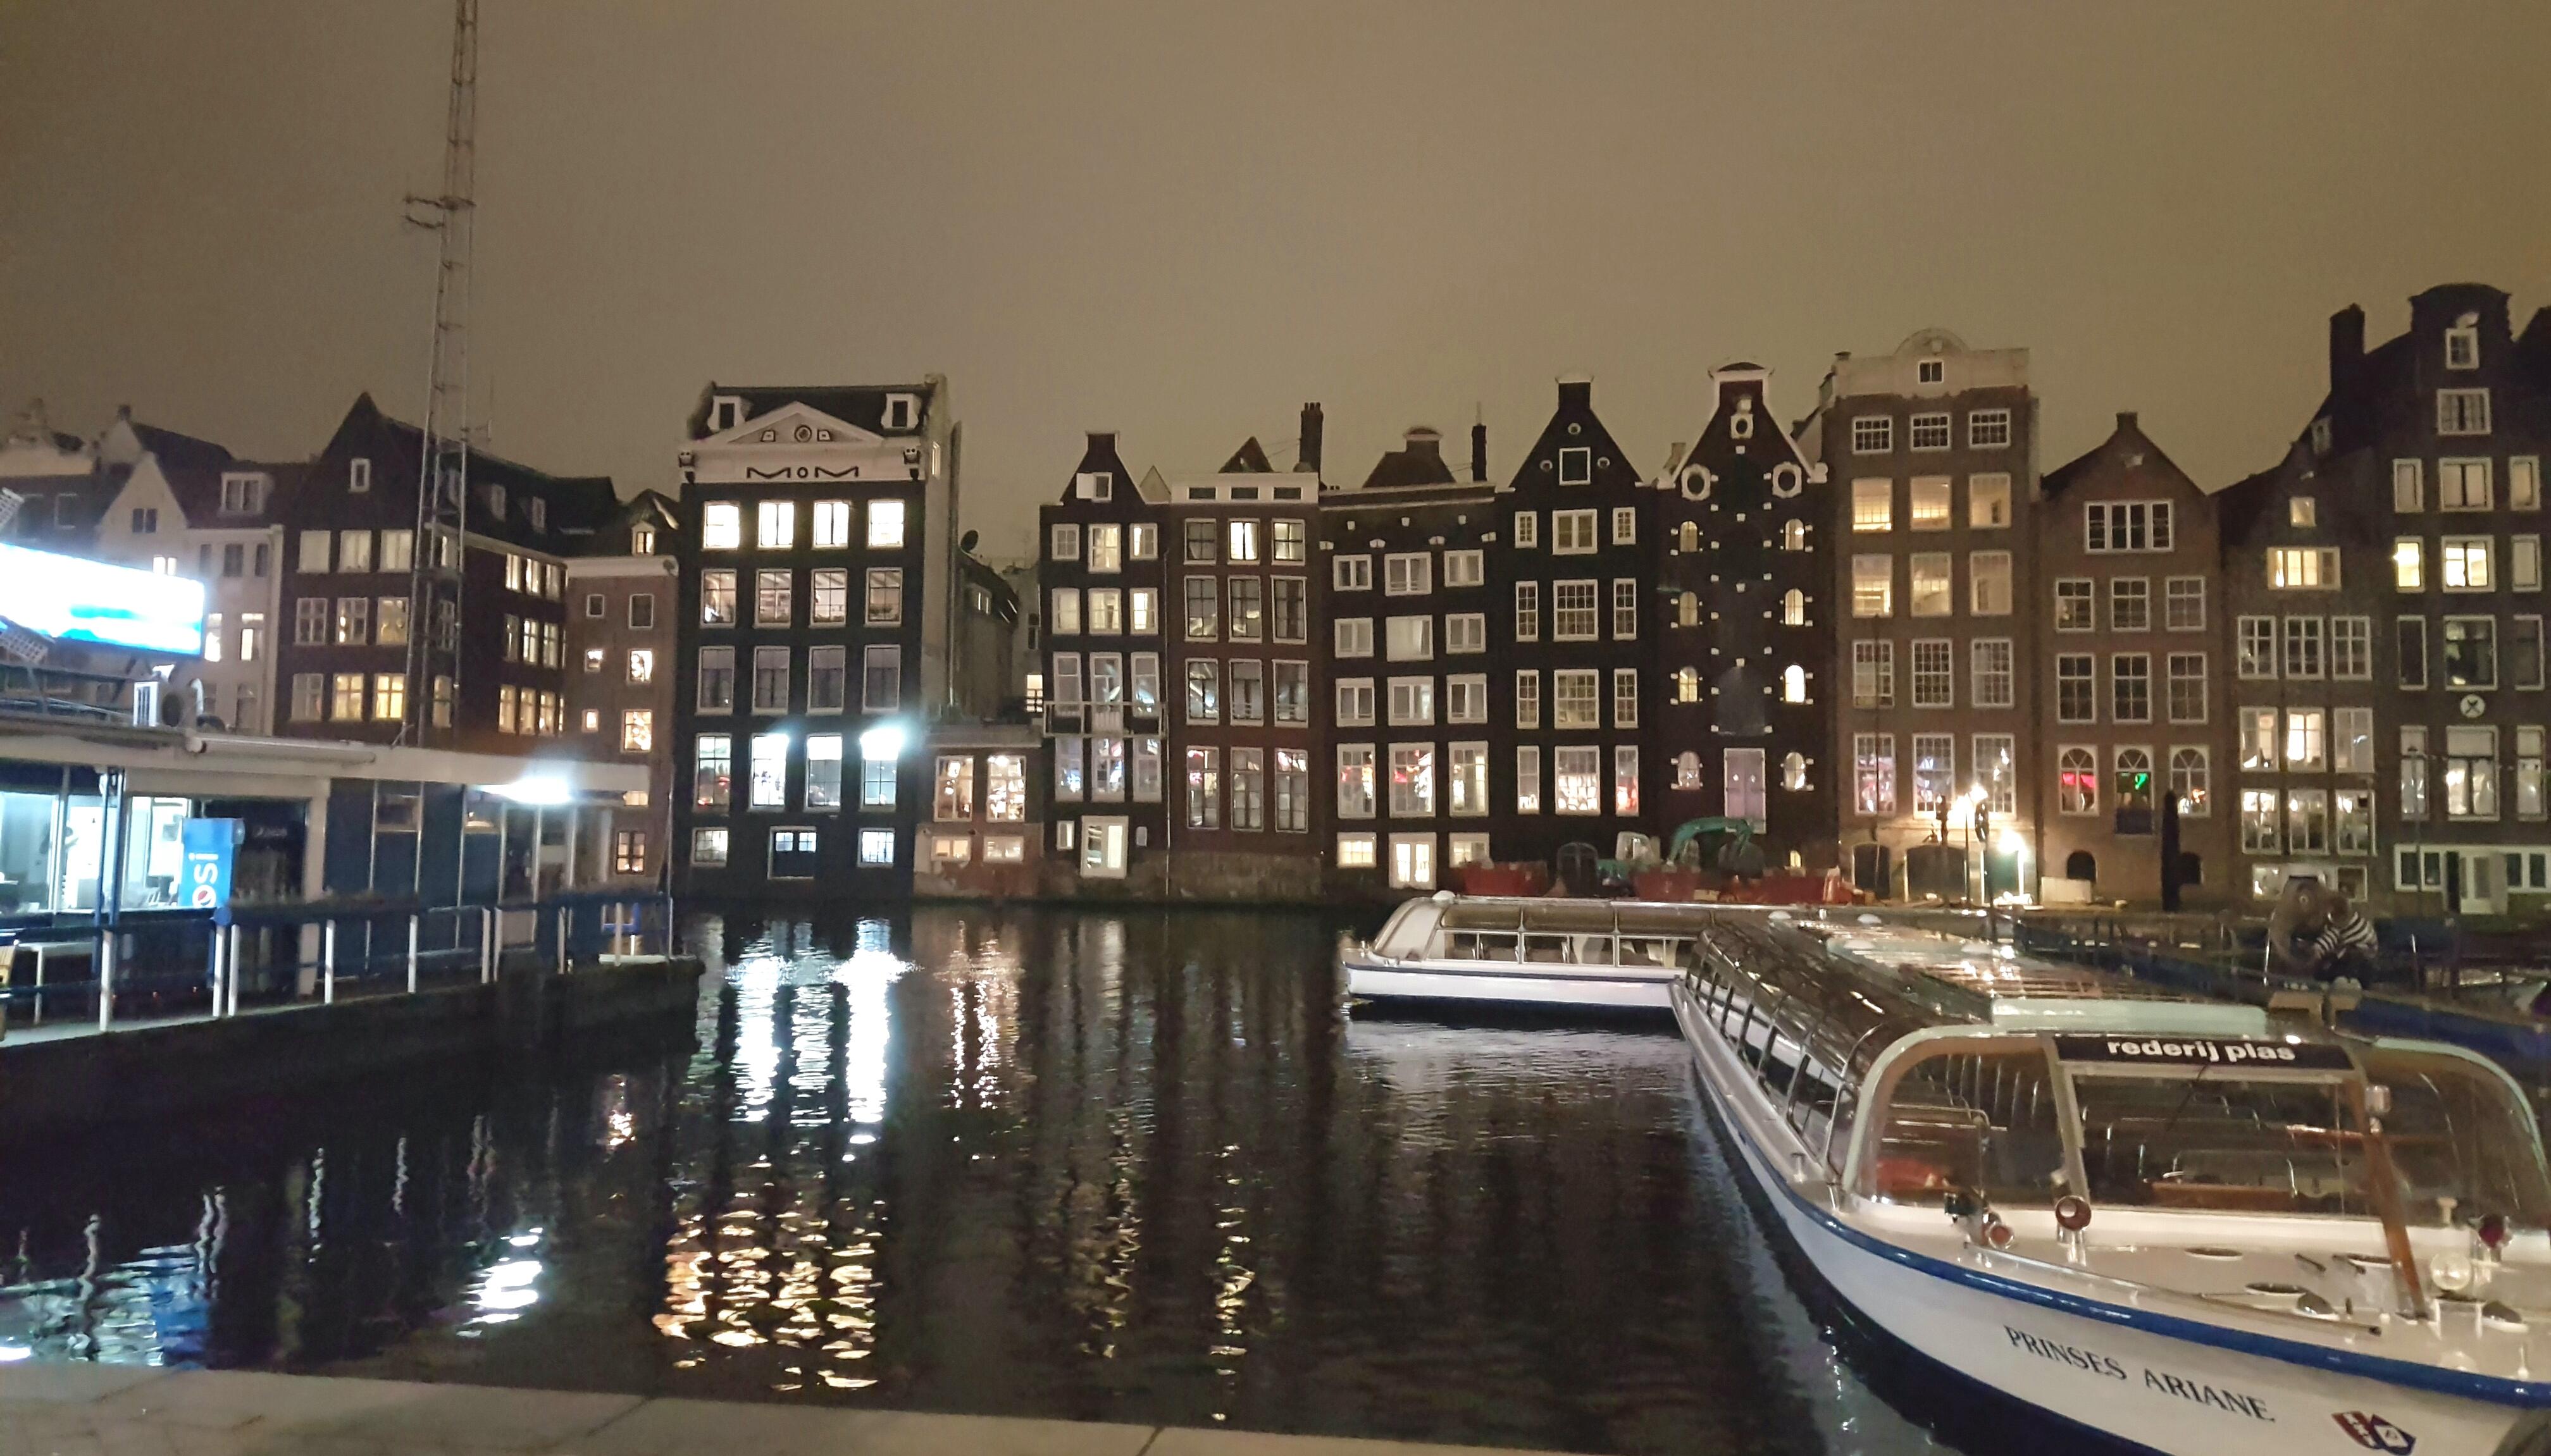 Tempat Pariwisata Belanda, Sewa Kendaraan, Carter Mobil dan Supir di Belanda, Mencari Transportasi di Eropa, Wisat Eropa, Berwisata di Belanda